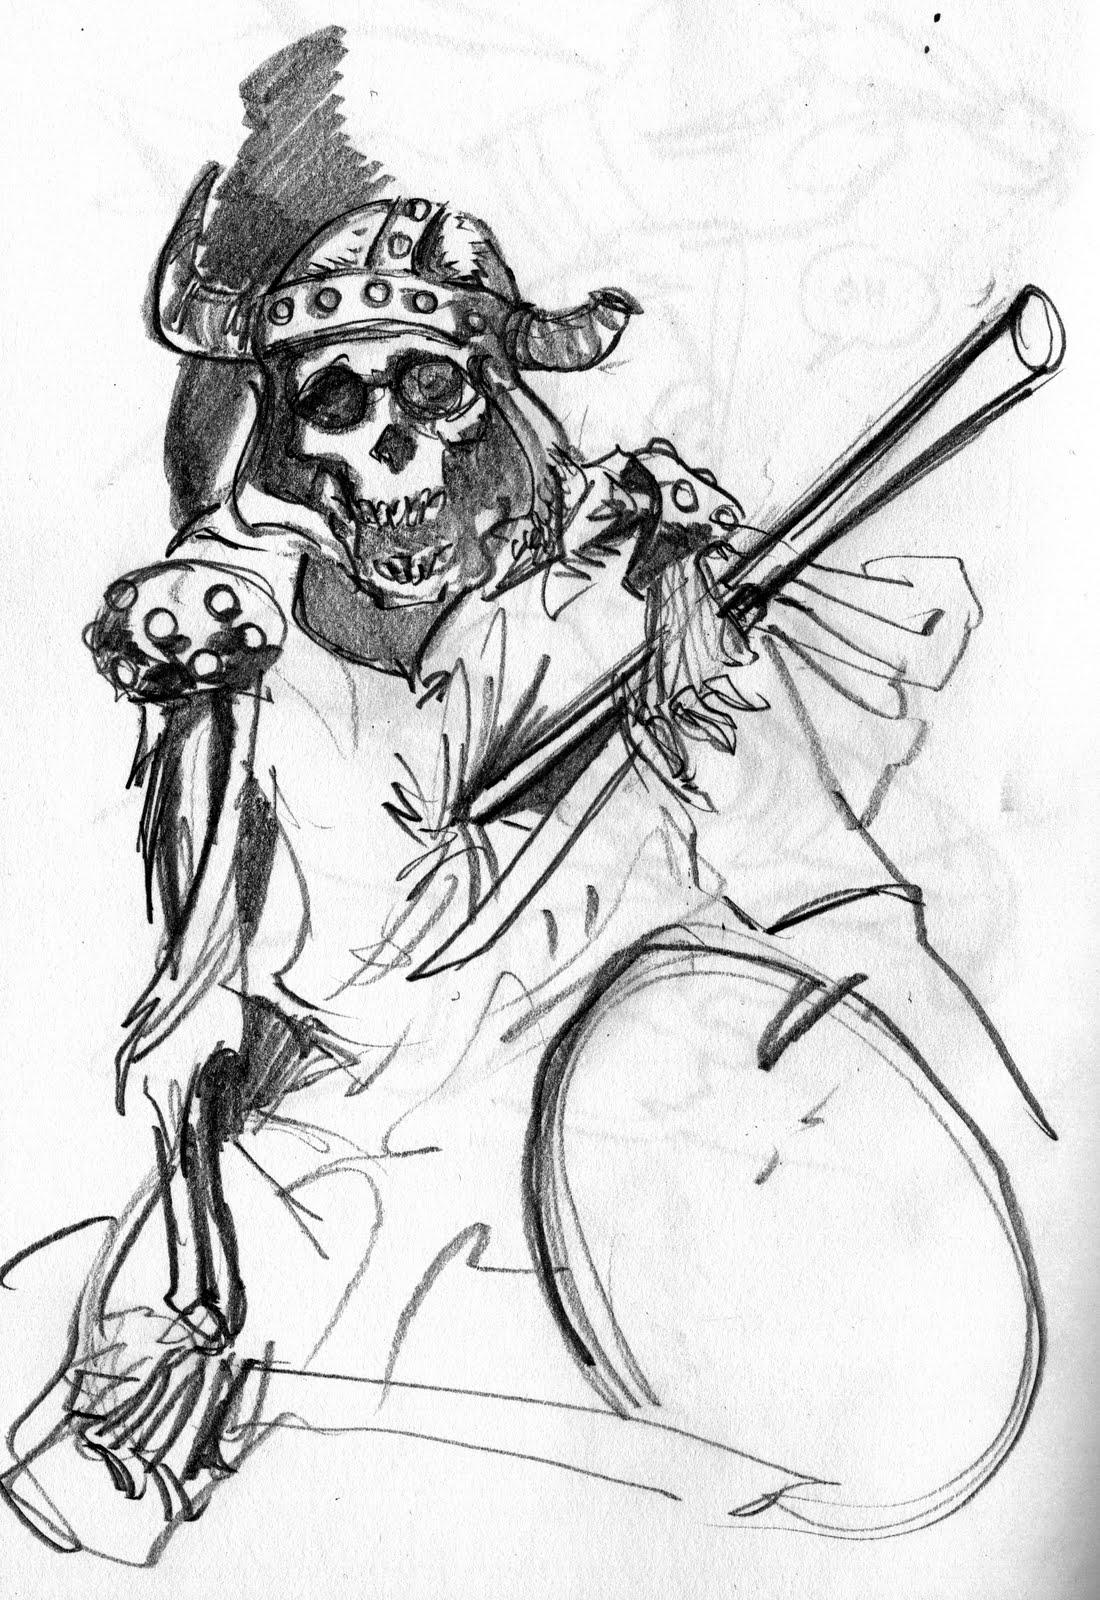 1100x1600 George O'Connor's Online Sketchbook Warrior, Skeletonized